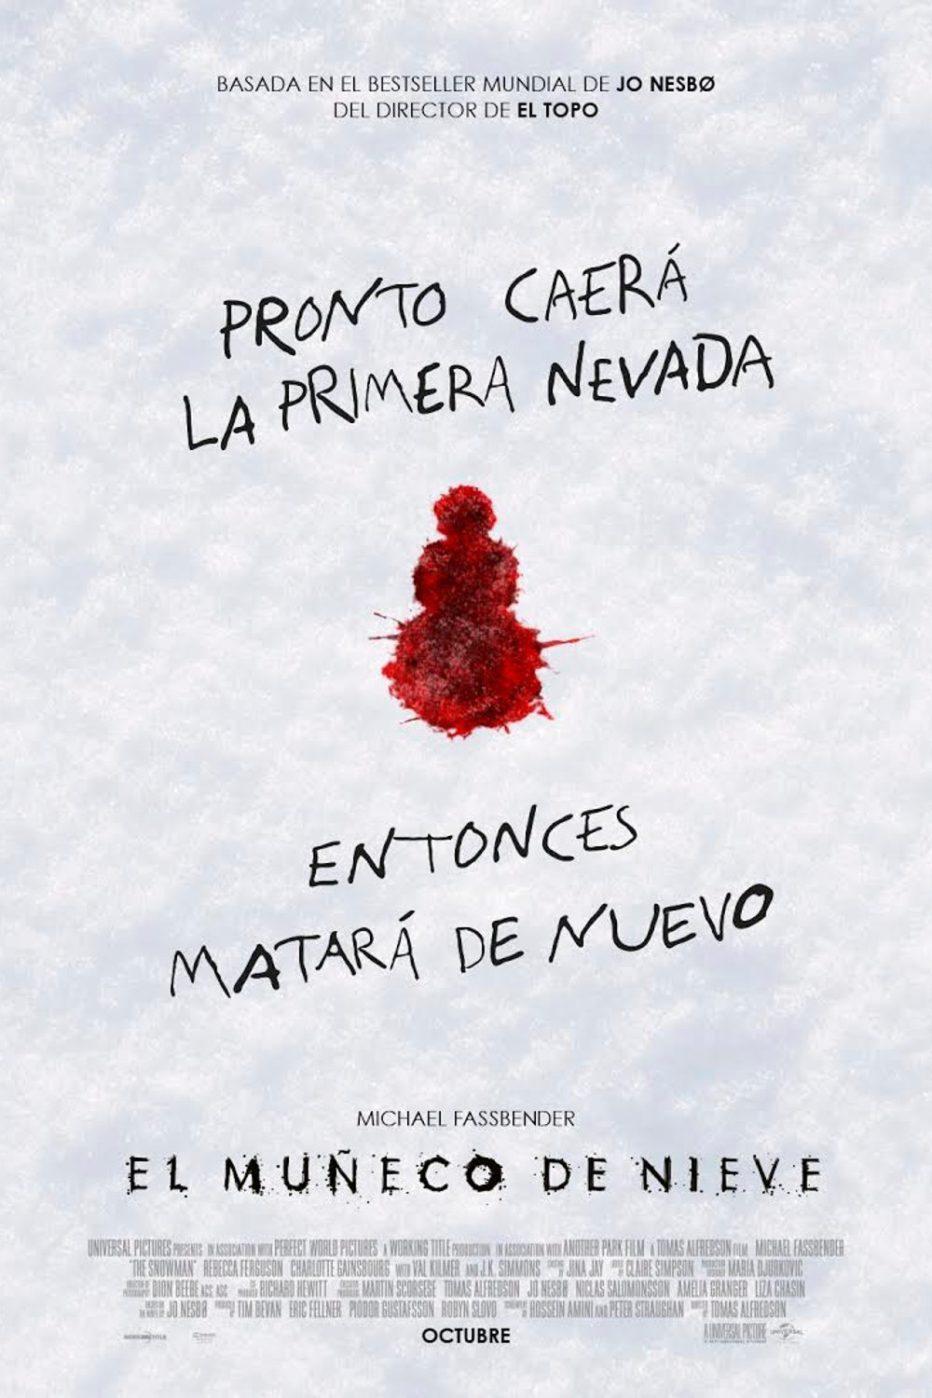 Primer trailer de El muñeco de nieve